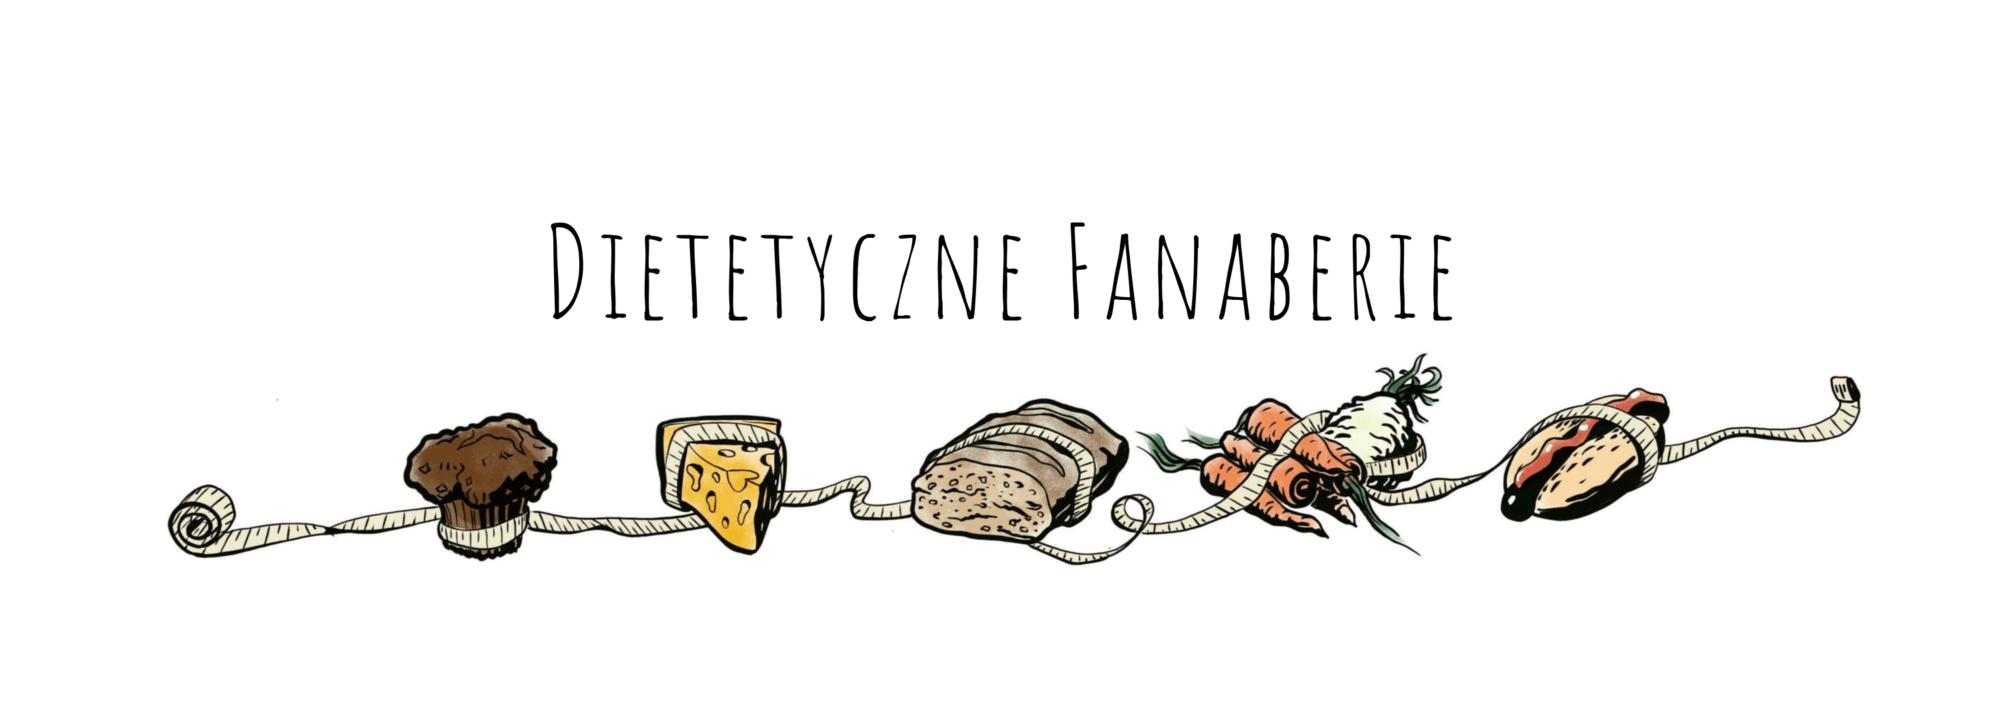 Dietetyczne Fanaberie